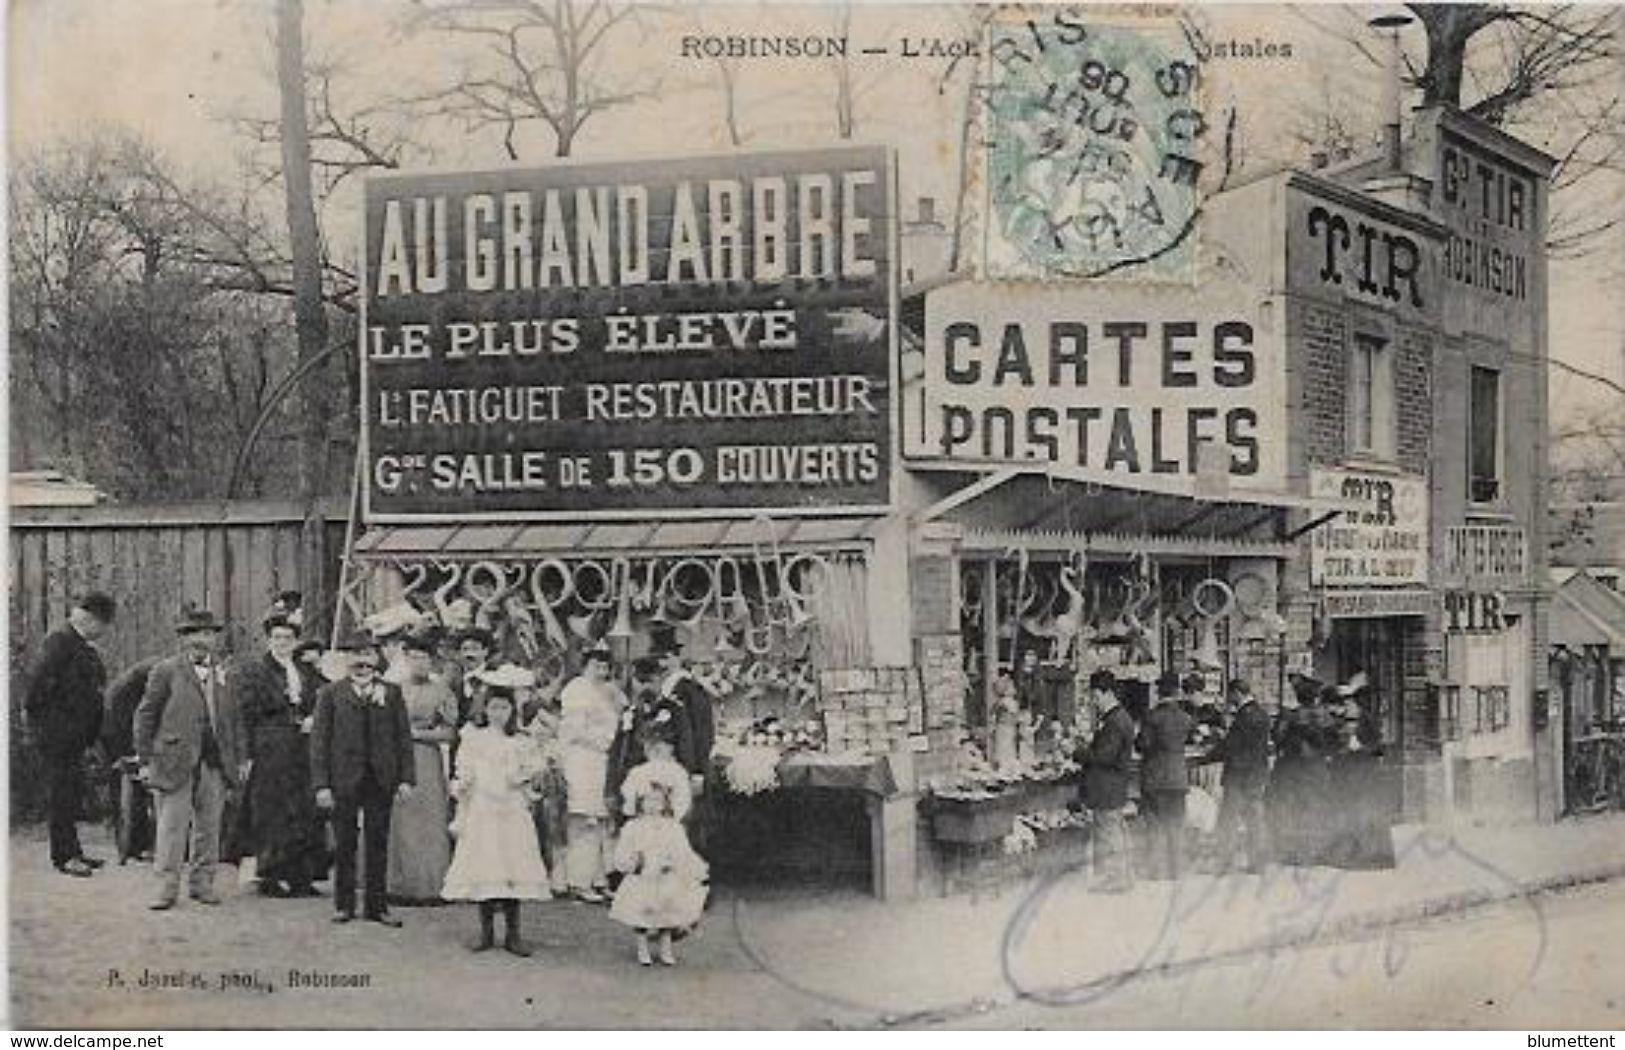 CPA Sur Le Thème De La Carte Postale Circulé Carte Sur La Carte Robinson Devanture De Magasin Marchand - Correos & Carteros